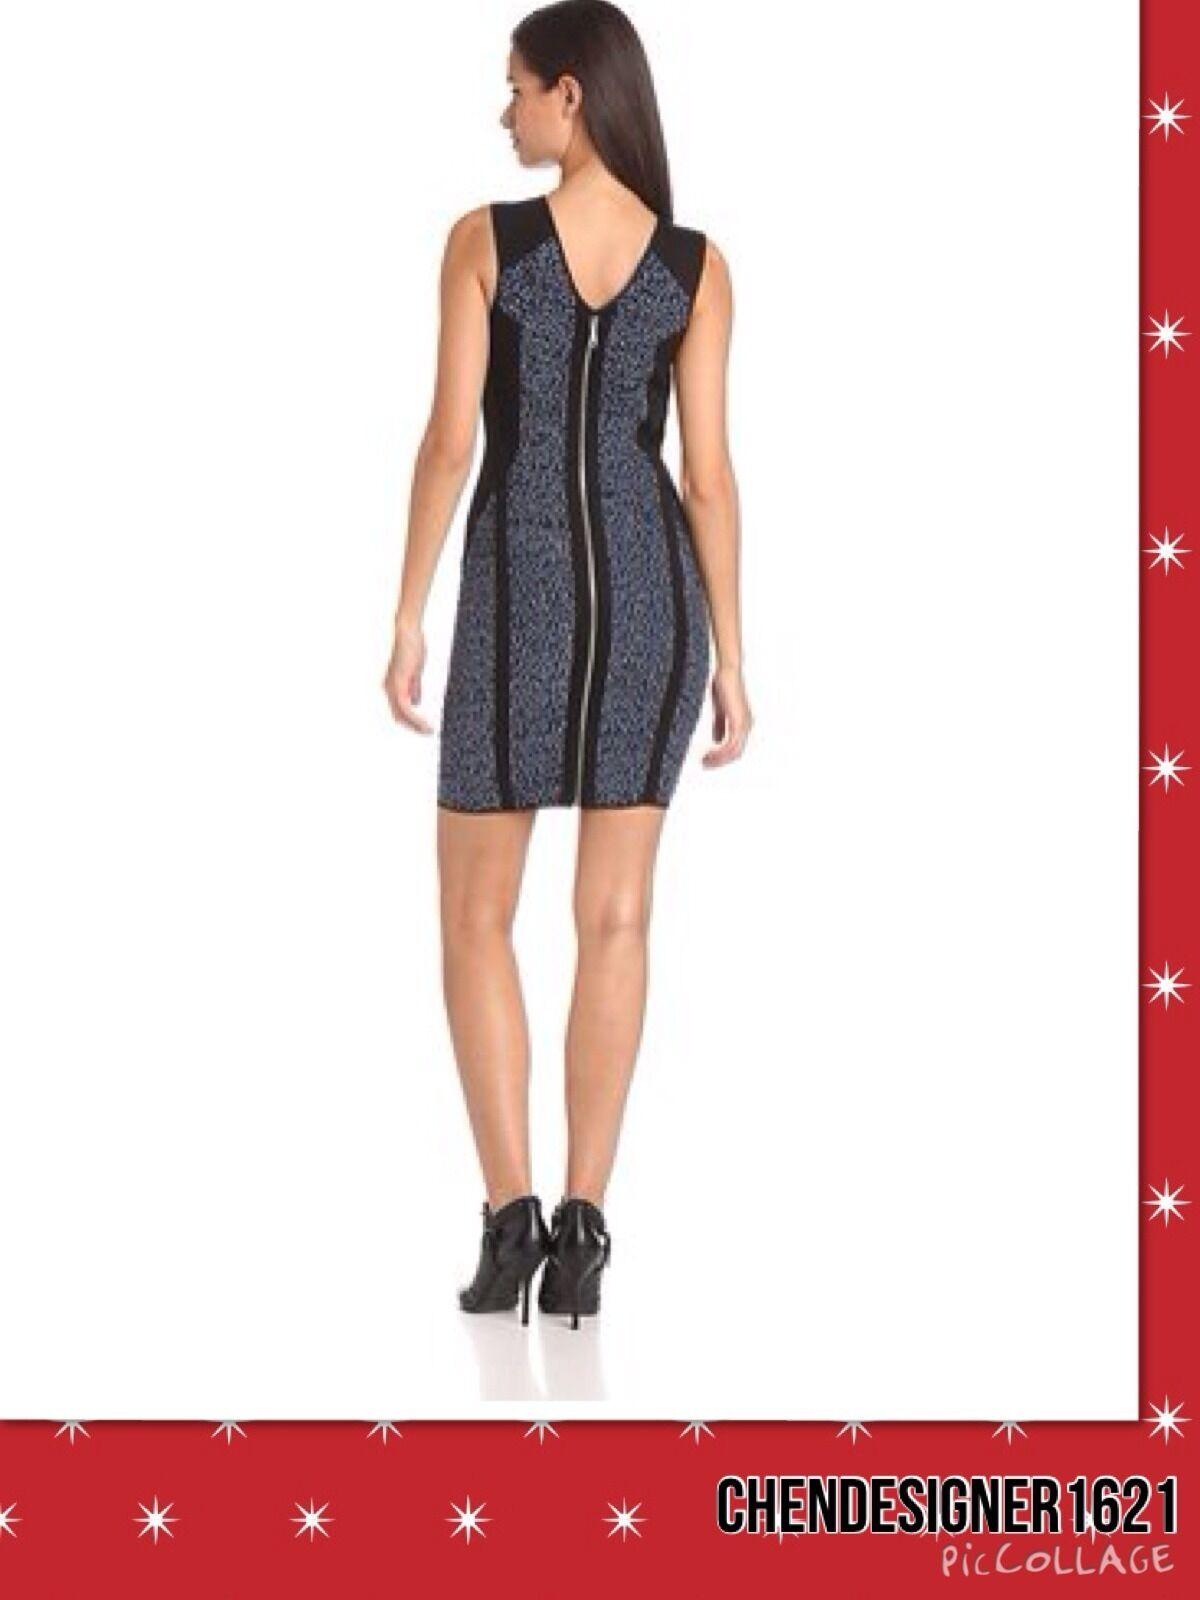 Rebecca Minkoff Women's Size 8 US Madison Madison Madison Printed silk Sleeveless Dress New e16270